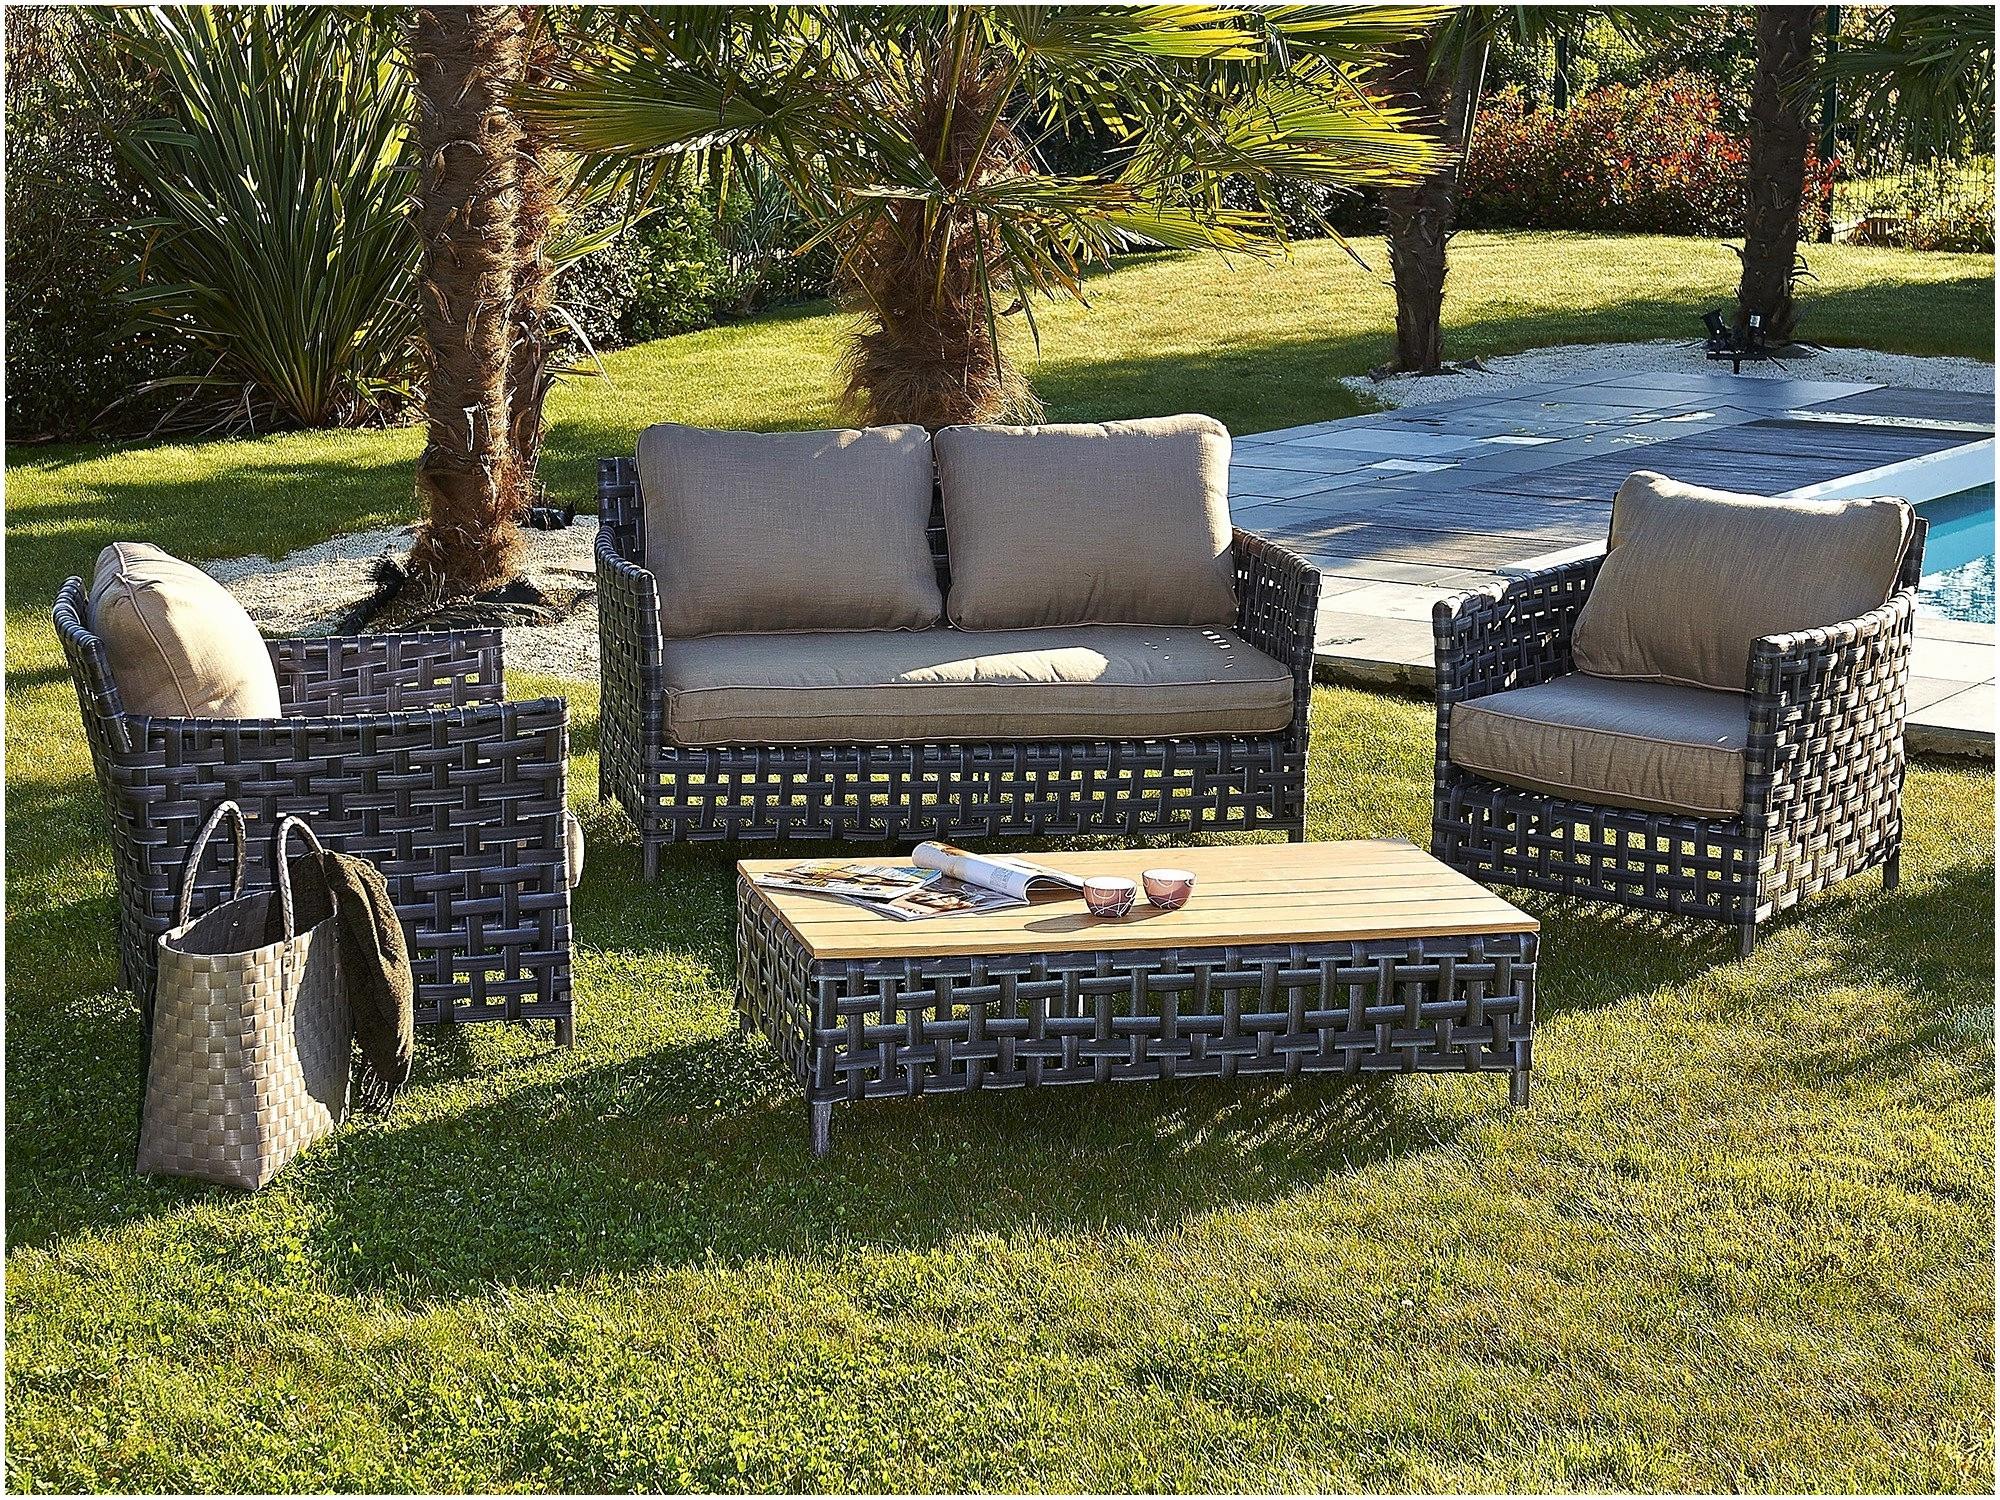 meubles de jardin design 30luxe meuble jardin design anciendemutu of meubles de jardin design